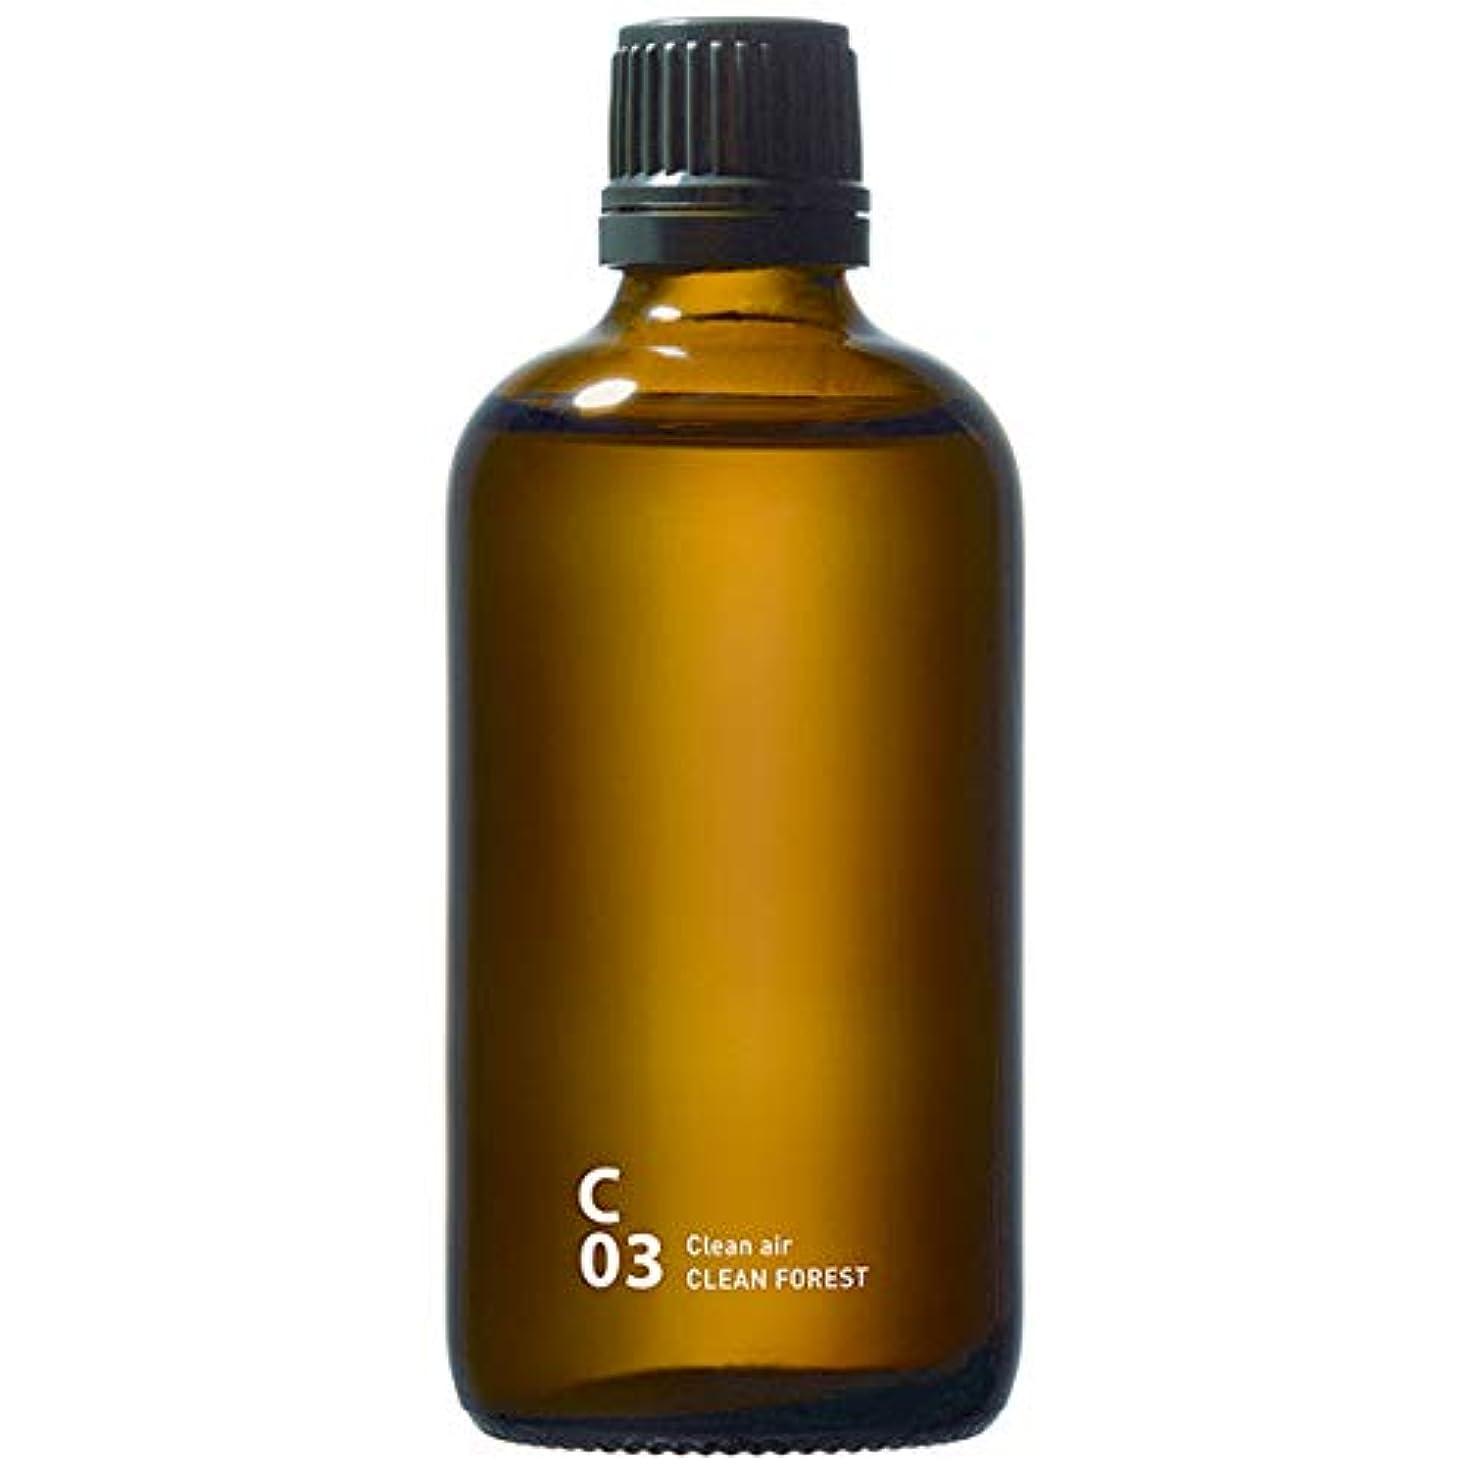 エクステント遠征全能C03 CLEAN FOREST piezo aroma oil 100ml